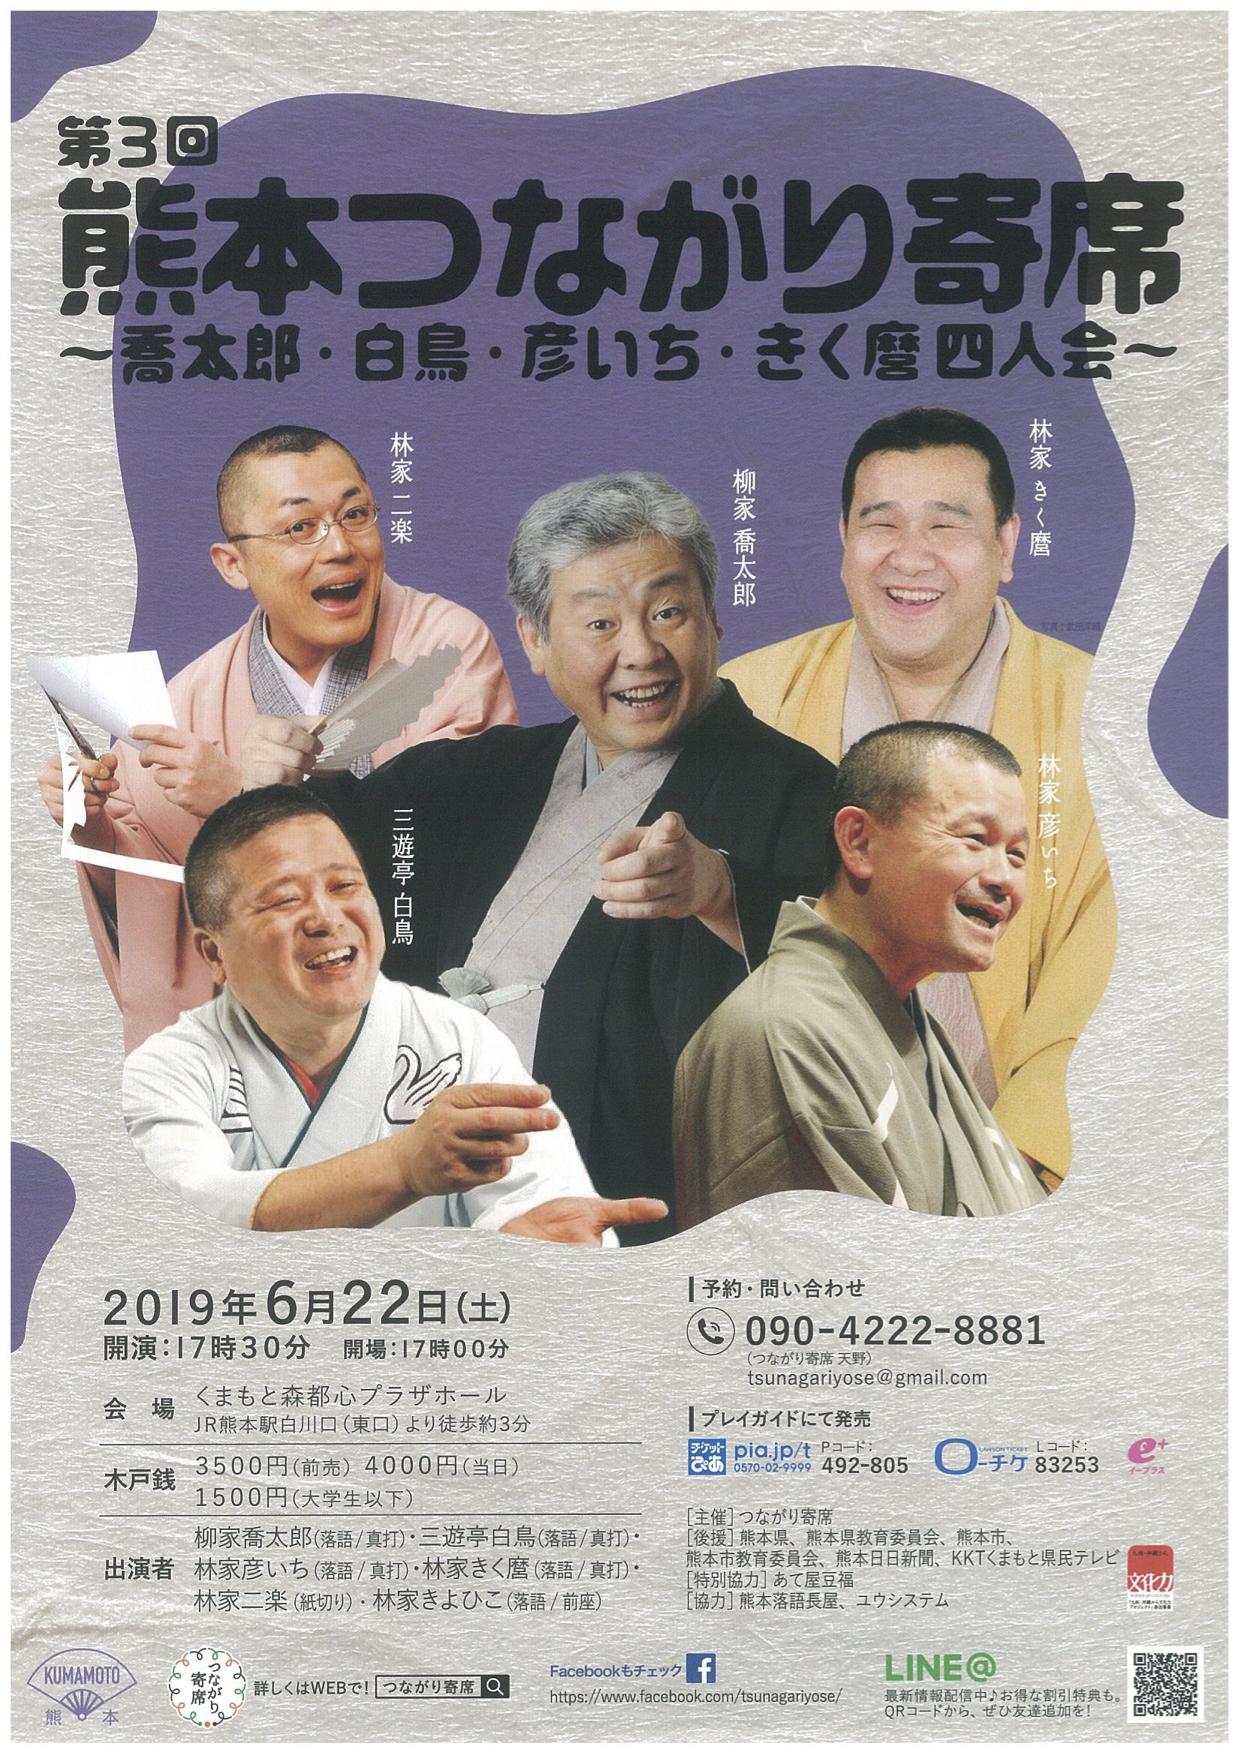 『第3回熊本つながり寄席』 ~喬太郎・白鳥・彦いち・きく麿 四人会~チラシ1